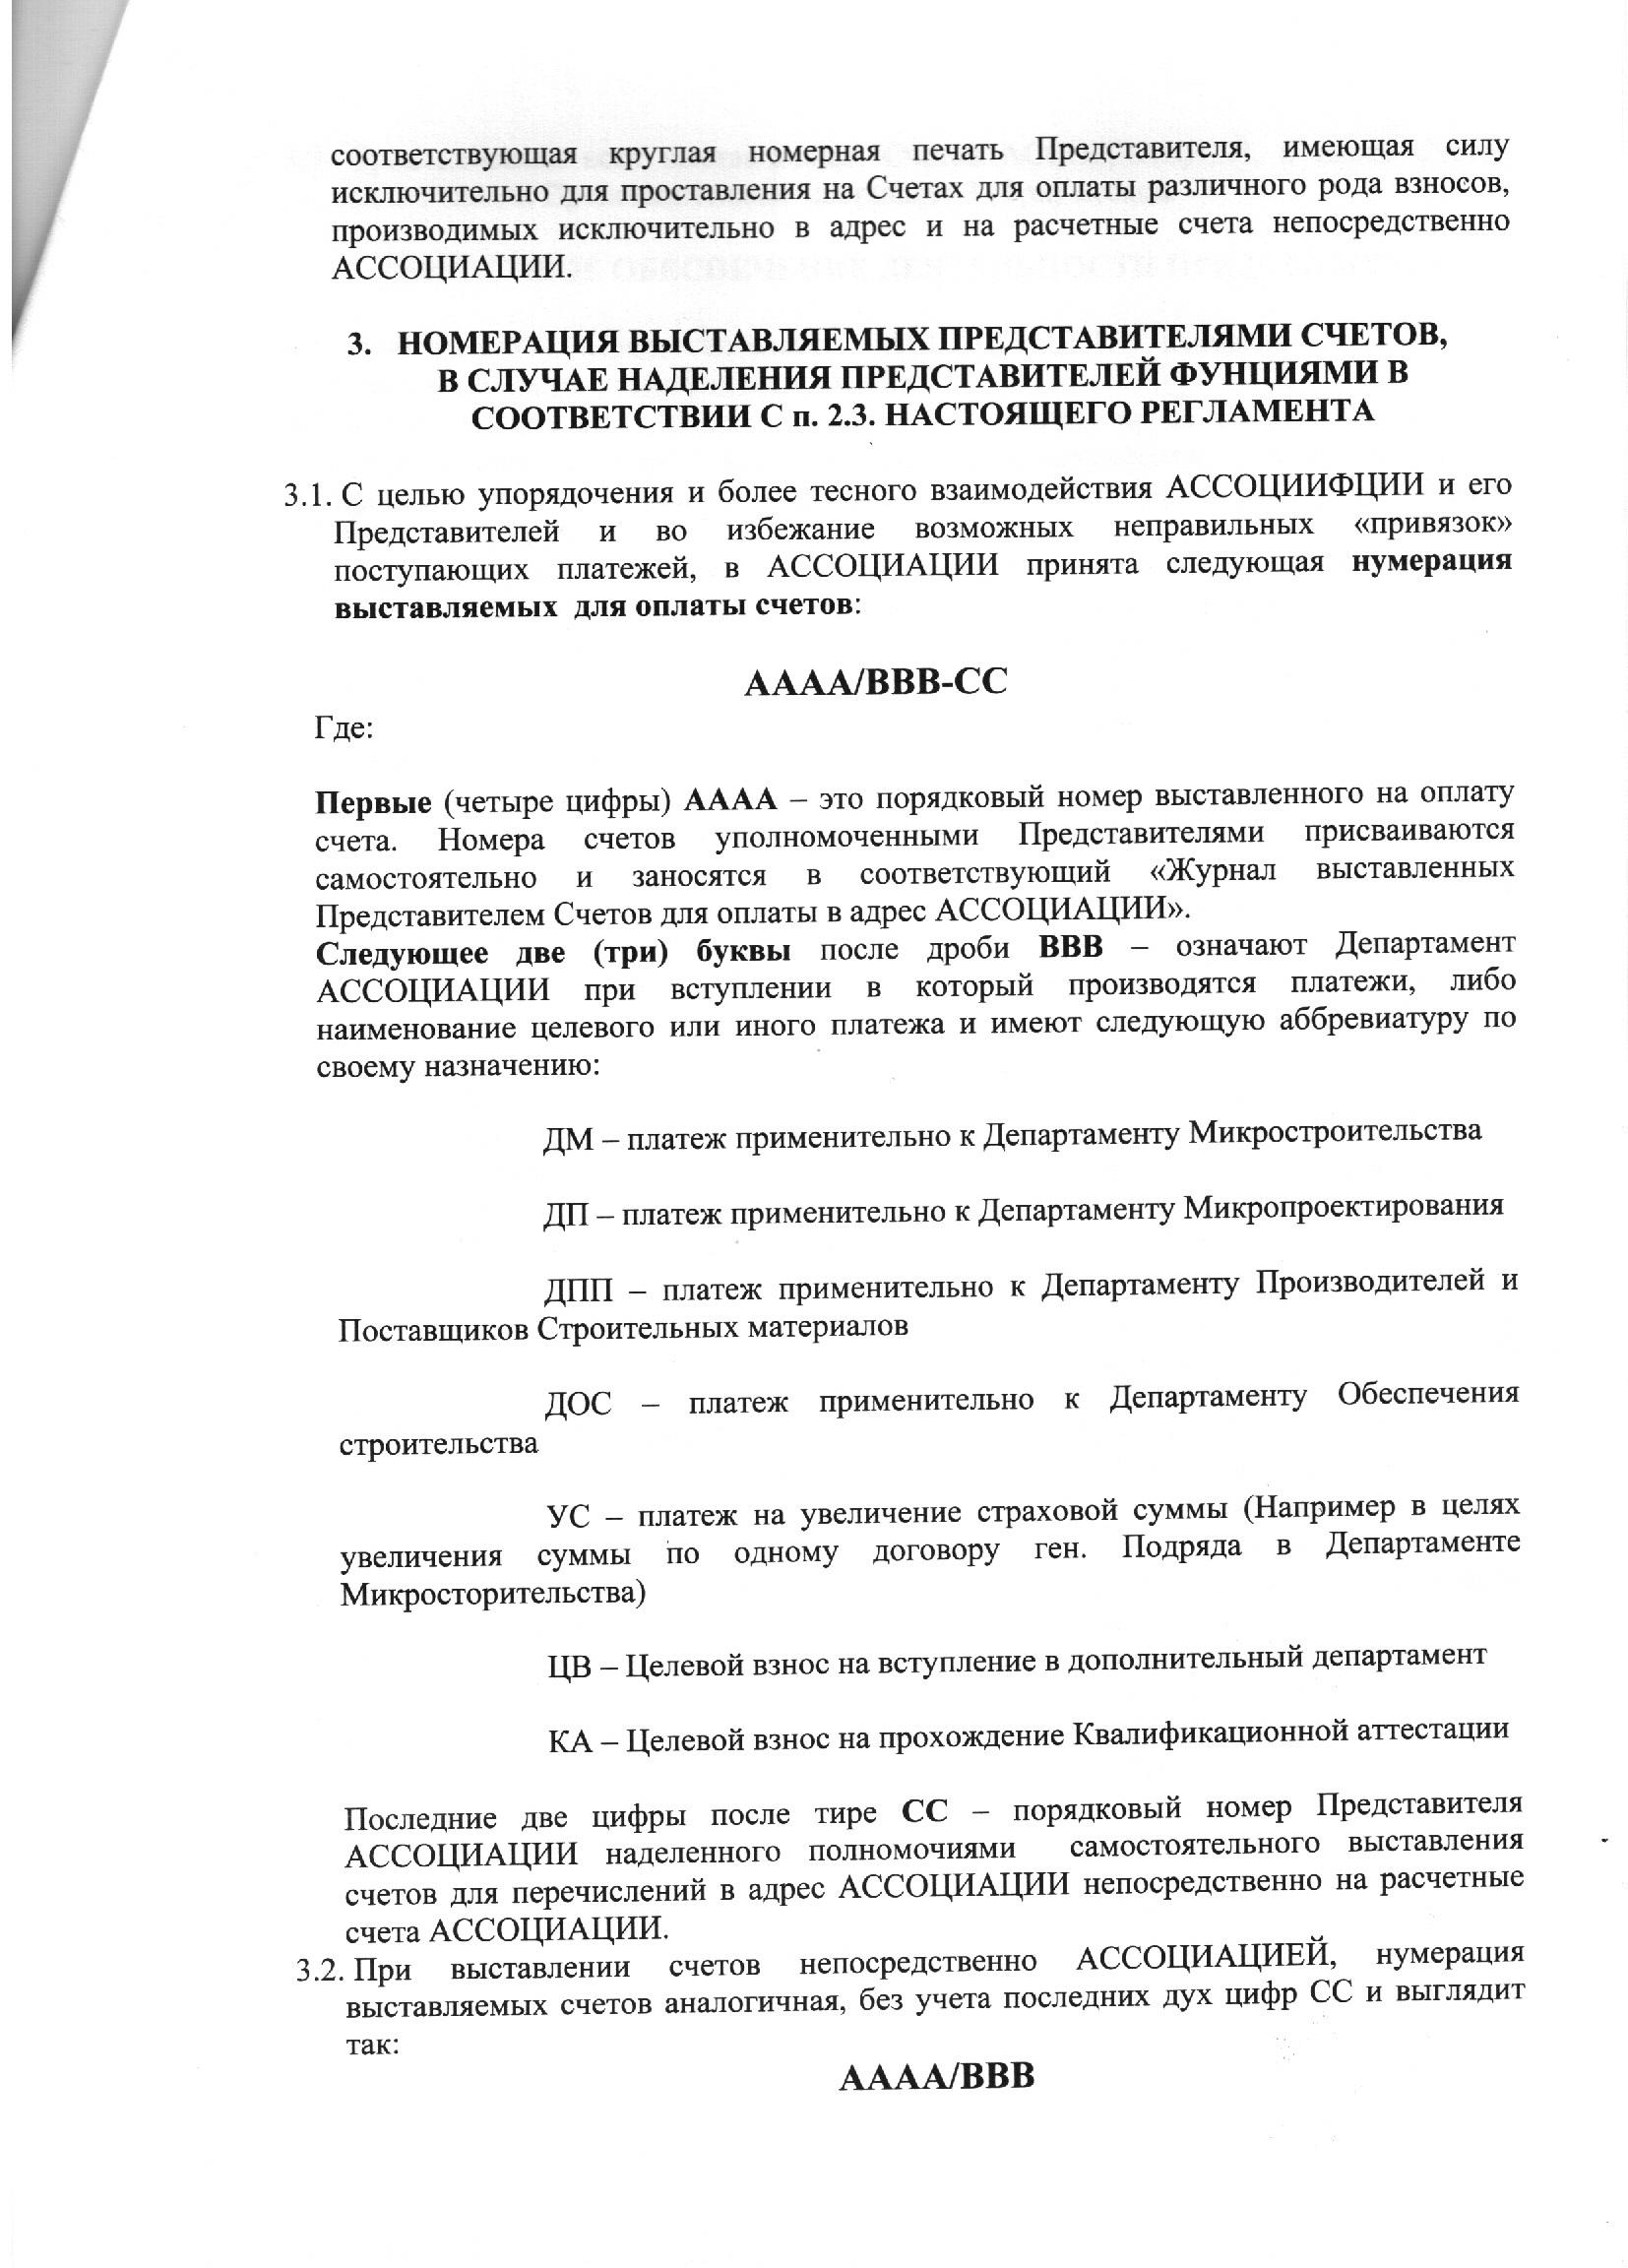 Reglament Predstavitelstv 2